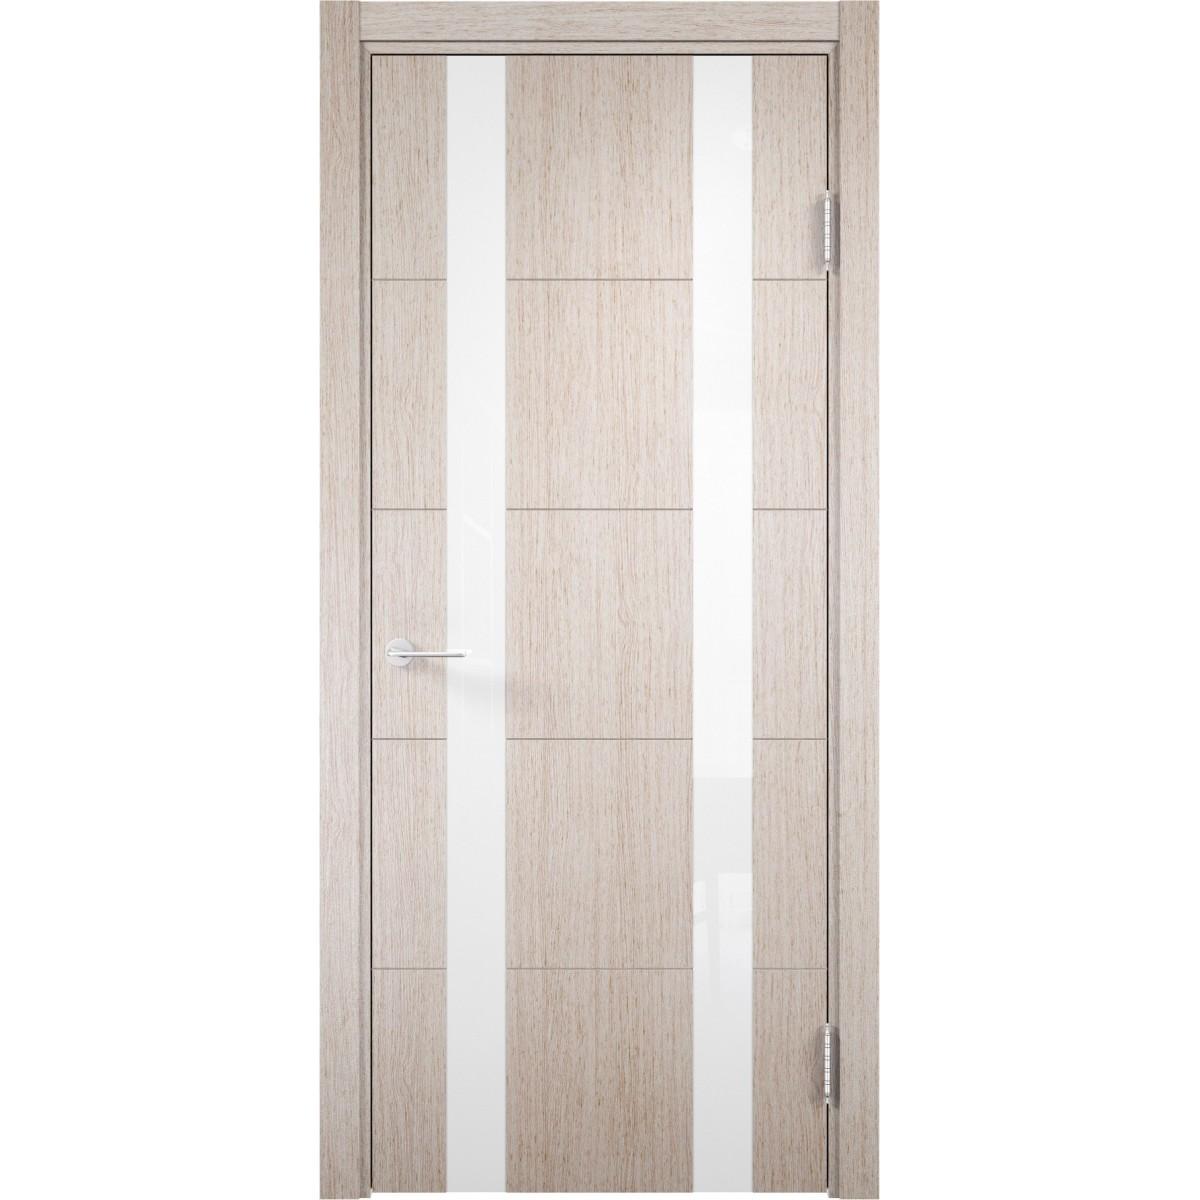 Дверь Межкомнатная Остеклённая Artens Нолан 70x200 Цвет Дуб Бьянко